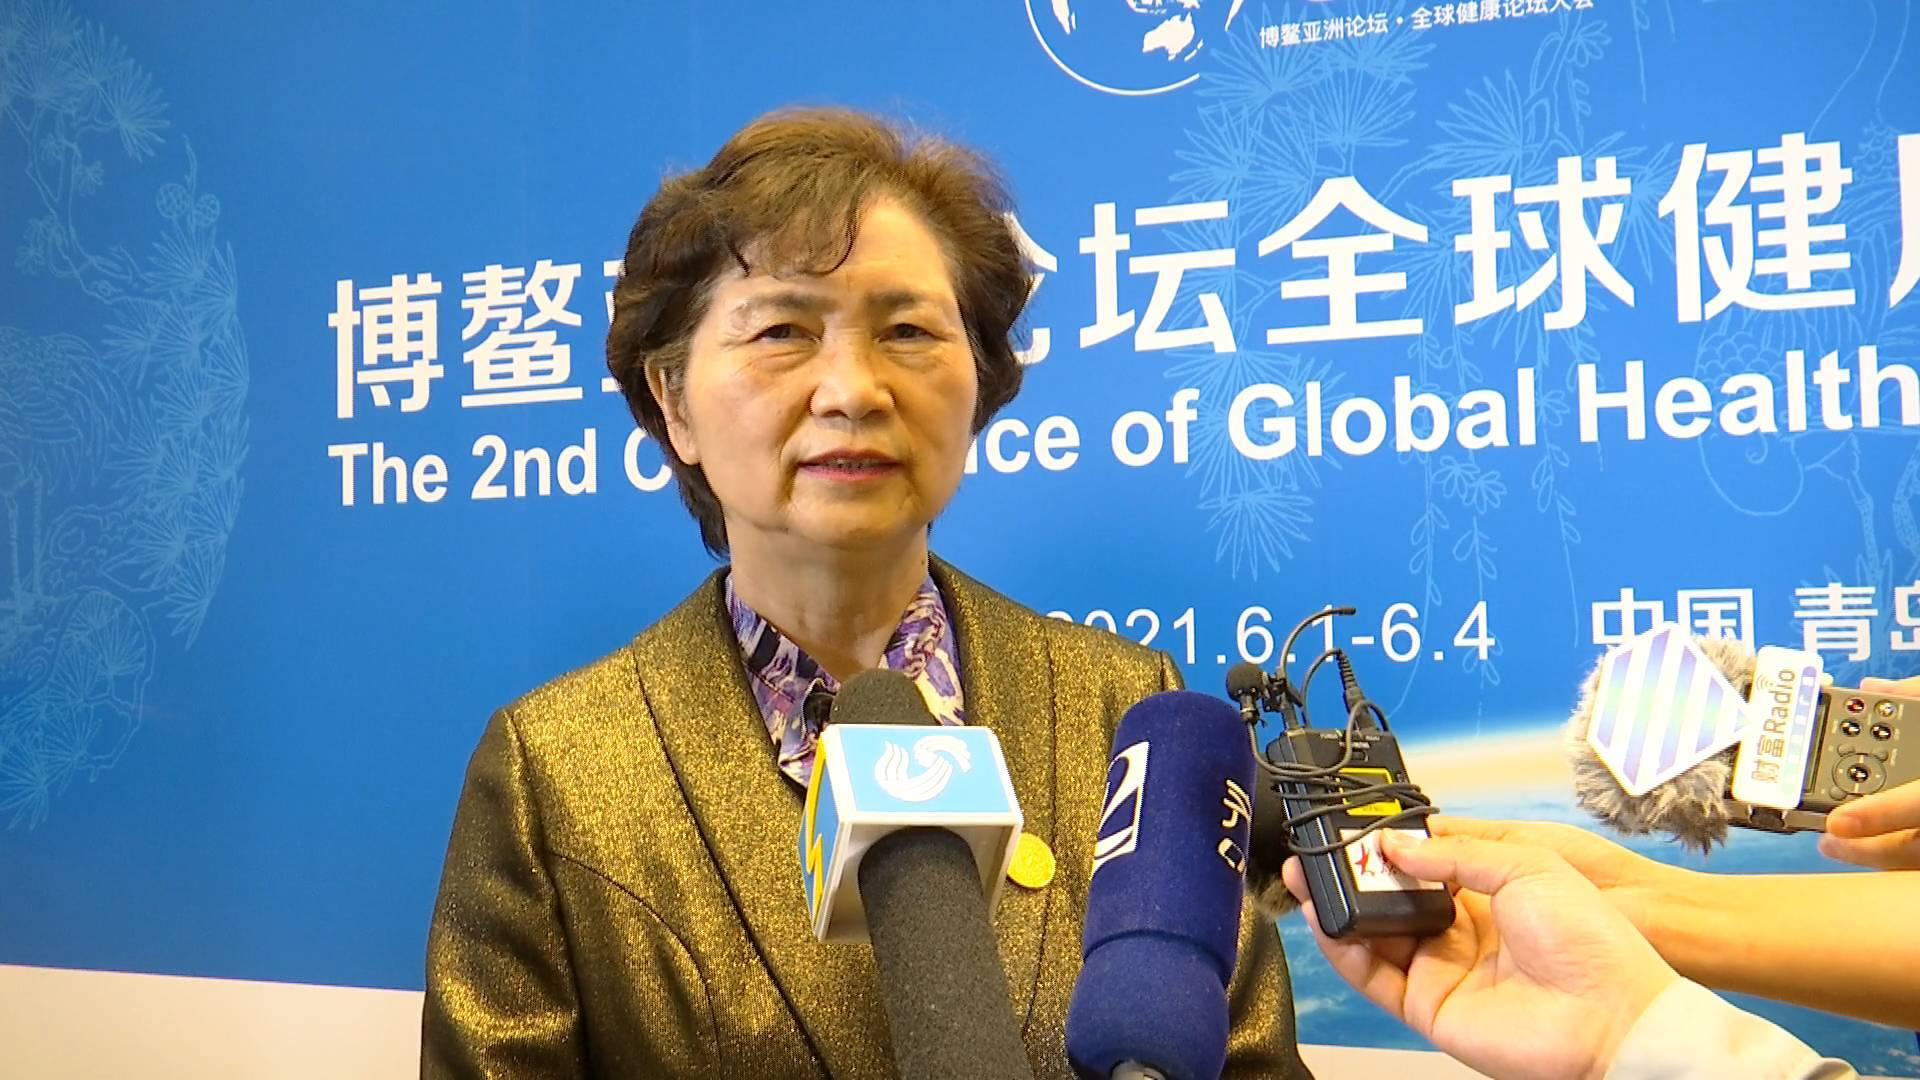 李兰娟:国内未达免疫屏障水平  需继续加大疫苗注射力度和严防输入